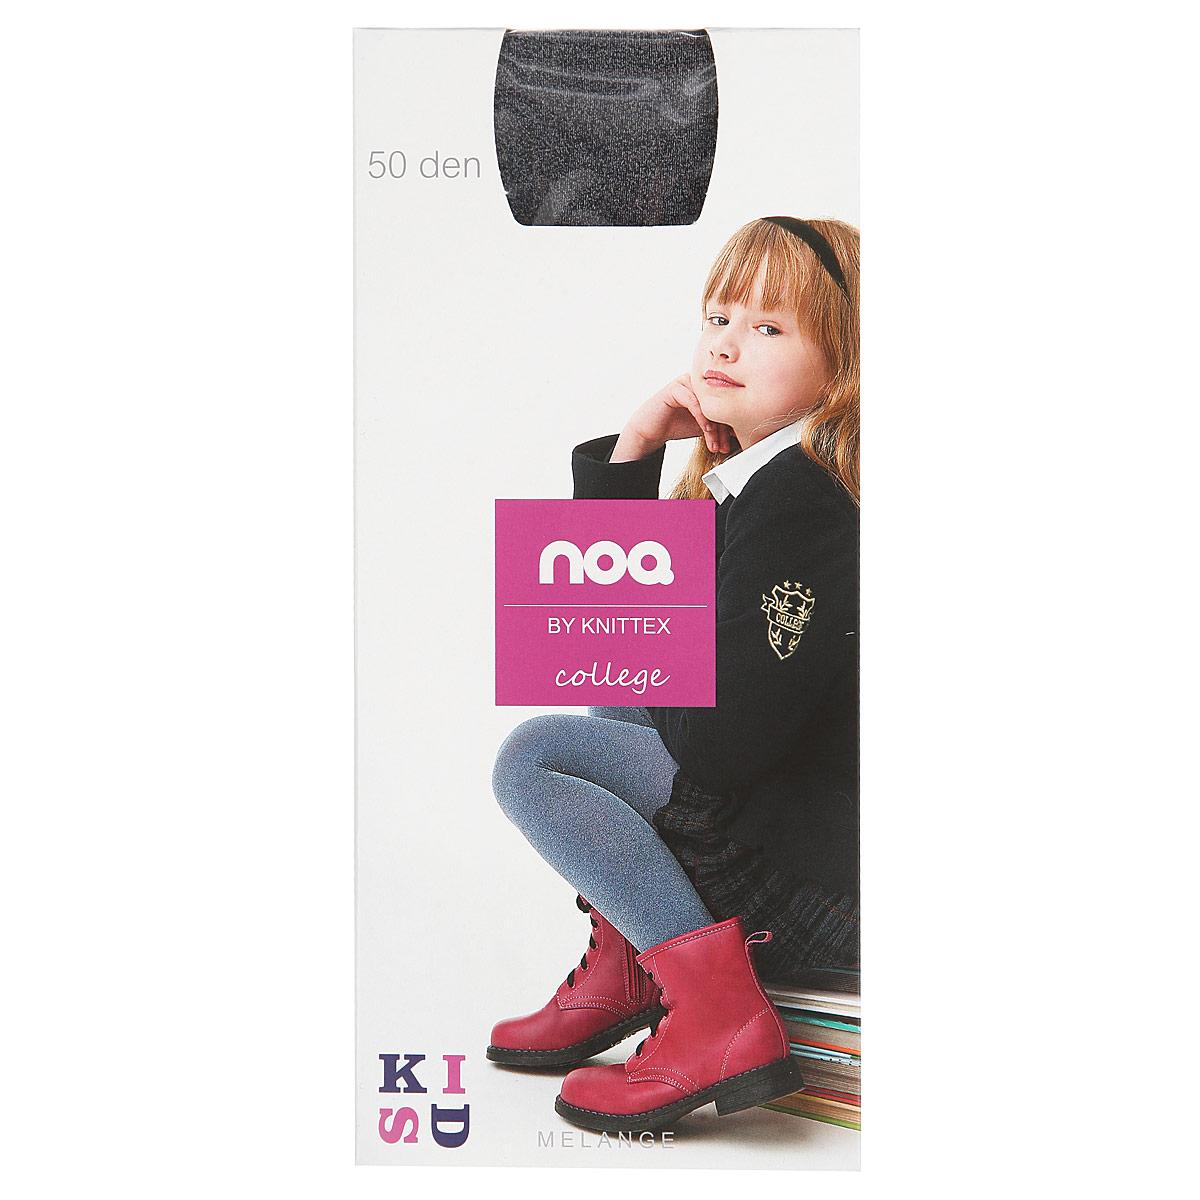 Колготки для девочки Knittex Noo College, цвет: серый меланж. RDZCOLLEGE_3. Размер 116/122, 6-7 летRDZCOLLEGE_3Классические детские колготки Knittex Noo College изготовлены специально для девочек.Чрезвычайно мягкие и эластичные колготки имеют широкую резинку и комфортные плоские швы. Теплые и прочные, эти колготки равномерно облегают ножки, не сдавливая и не доставляя дискомфорта. Эластичные швы и мягкая резинка на поясе не позволят колготам сползать и при этом не будут стеснять движений. Входящие в состав ткани полиамид и эластан предотвращают растяжение и деформацию после стирки. Однотонная расцветка позволит сочетать эти колготки с любыми нарядами маленькой модницы.Классические колготки - это идеальное решение на каждый день для прогулки, школы, яслей или садика. Такие колготки станут великолепным дополнением к гардеробу вашей красавицы.